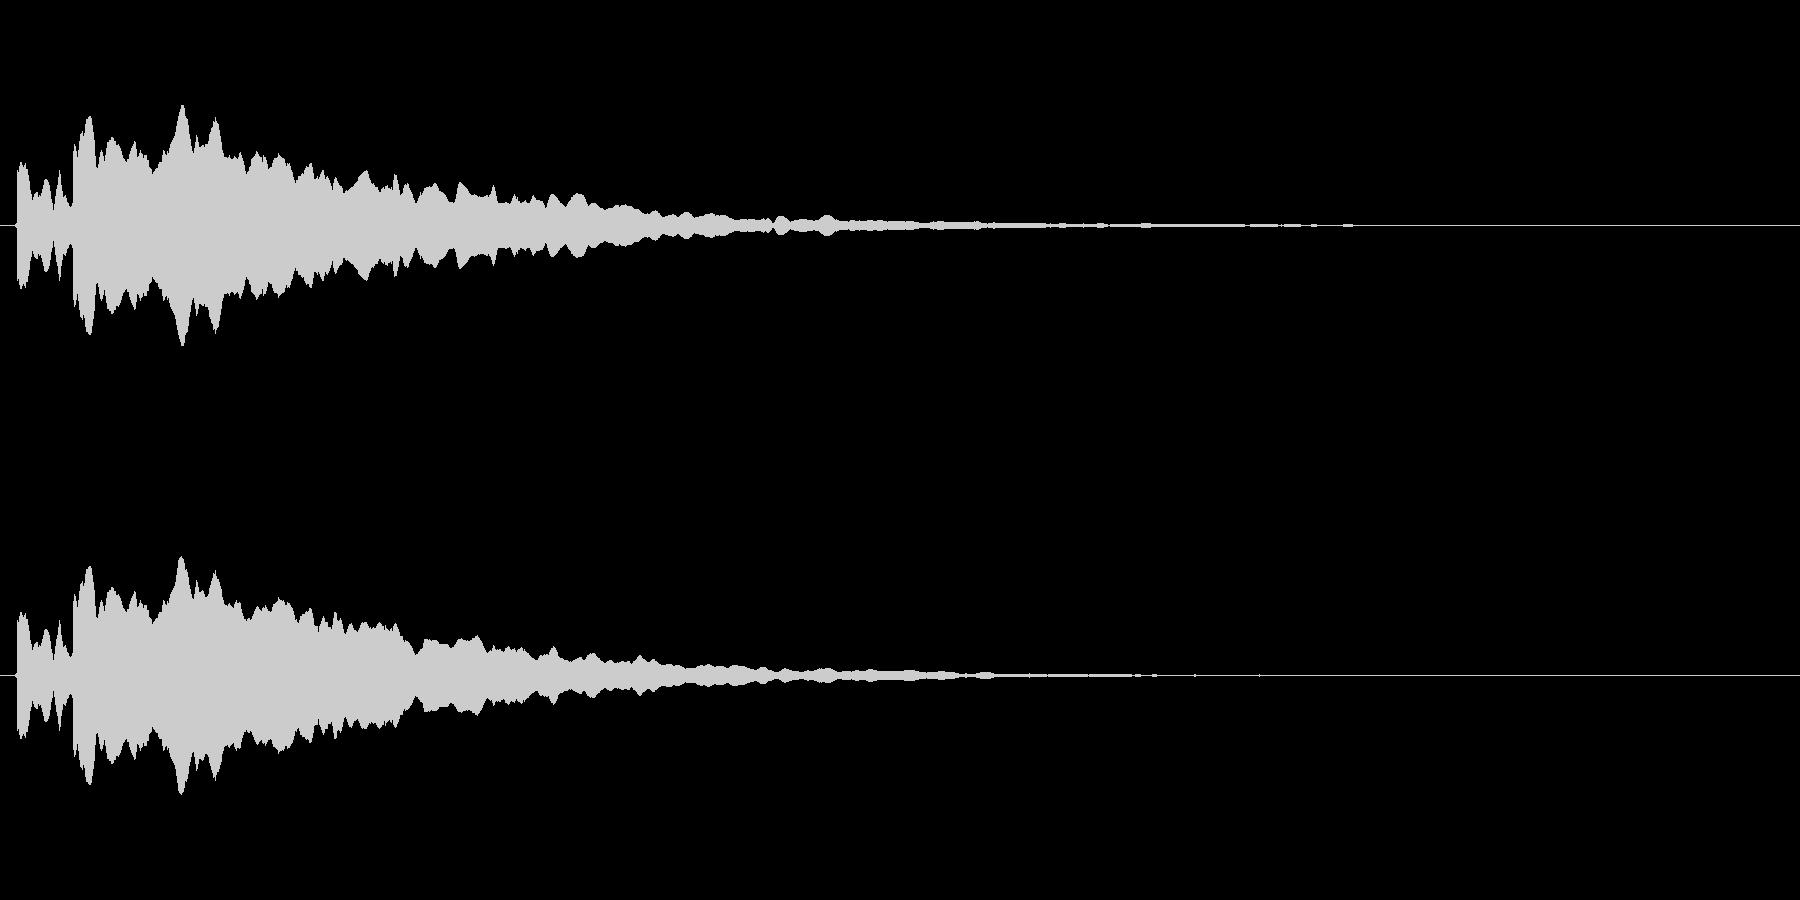 正解したときの音ですの未再生の波形